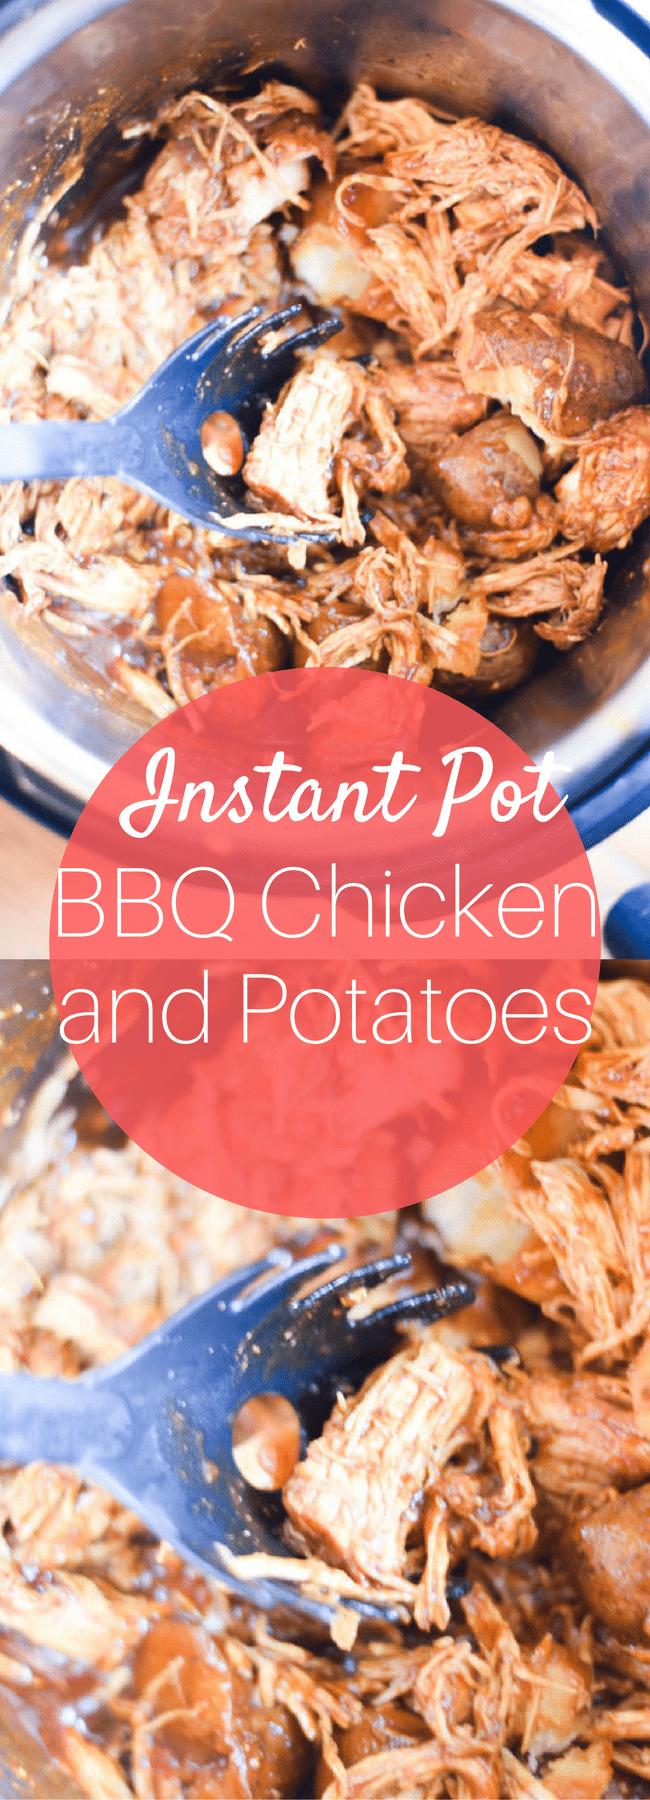 Instant Pot Chicken / Instant Pot BBQ Chicken / Chicken Instant Pot Recipes / Instant Pot Recipes / Easy Instant Pot / Easy Chicken Recipes / Chicken Dinner / Dinner Recipes / Dinner